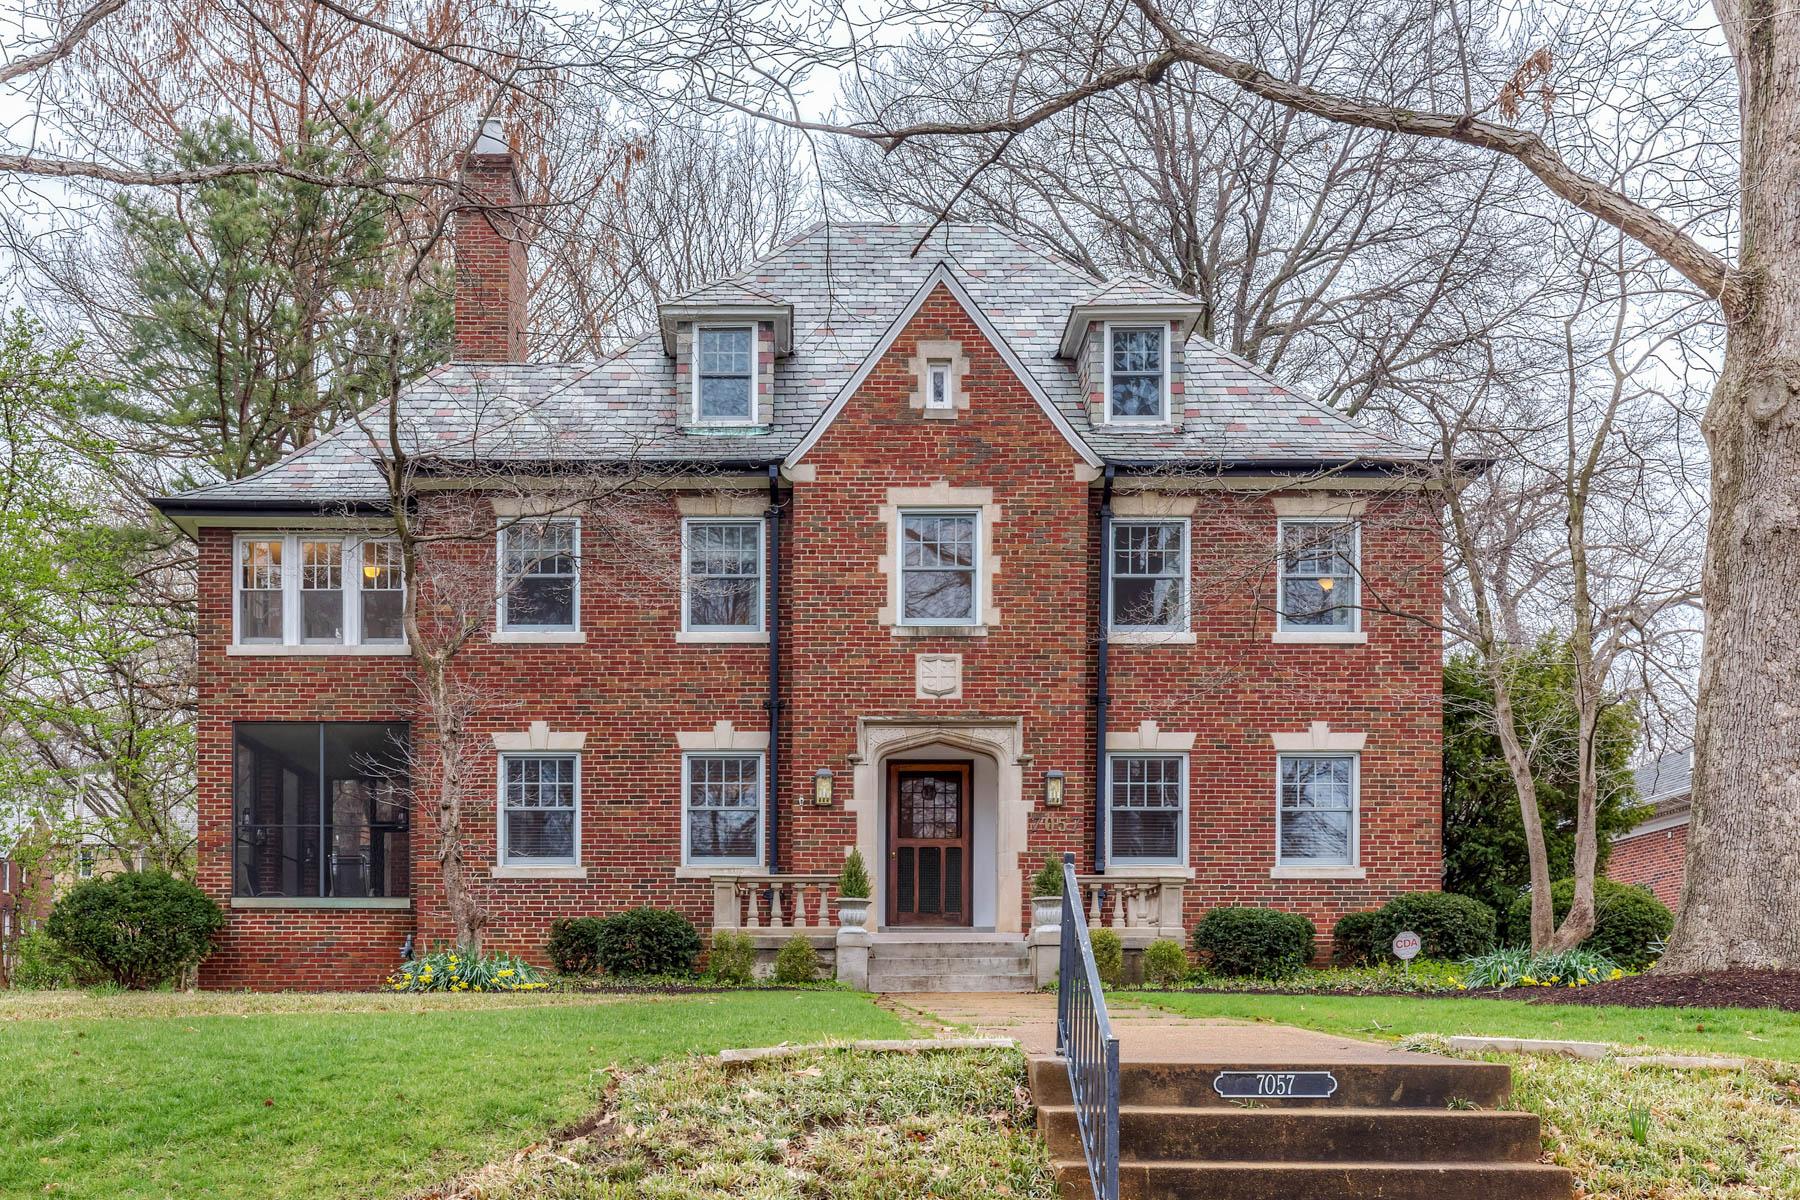 独户住宅 为 销售 在 Kingsbury Blvd 7057 Kingsbury Blvd 大学城, 密苏里州, 63130 美国